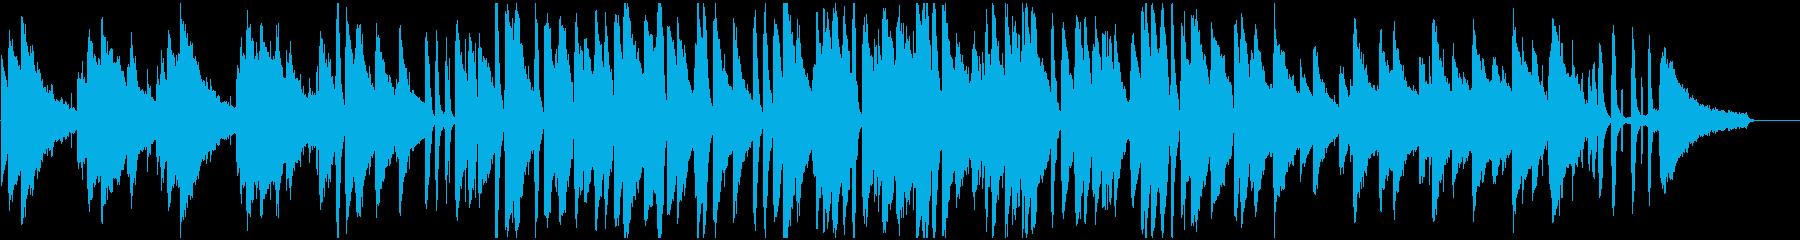 上品で暖かなピアノメインのジャズBGMの再生済みの波形